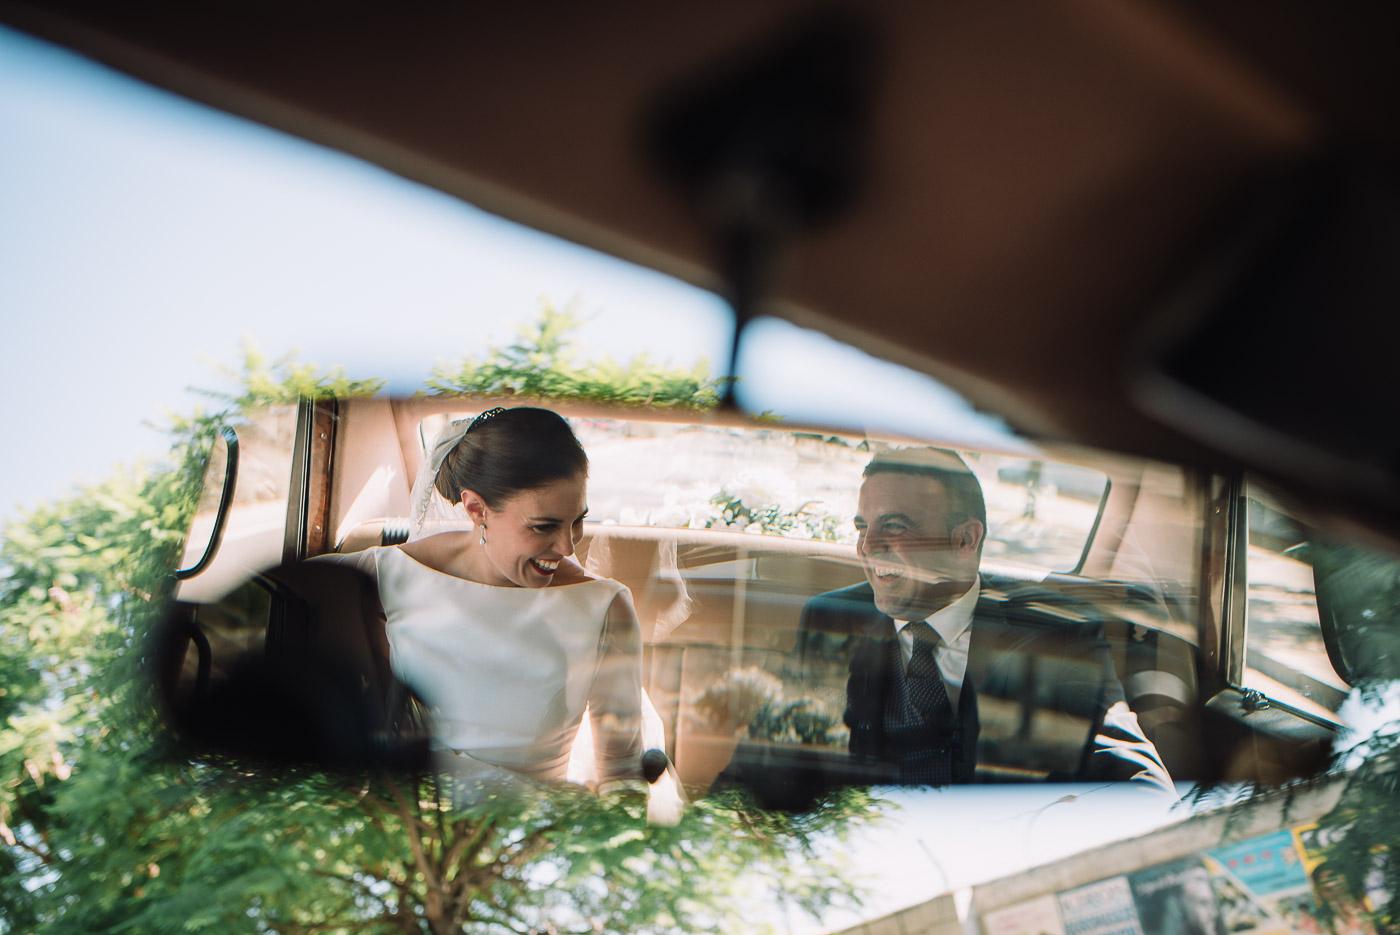 fotografo-bodas-Sevilla-Hacienda-Miradores-manuel-fijo